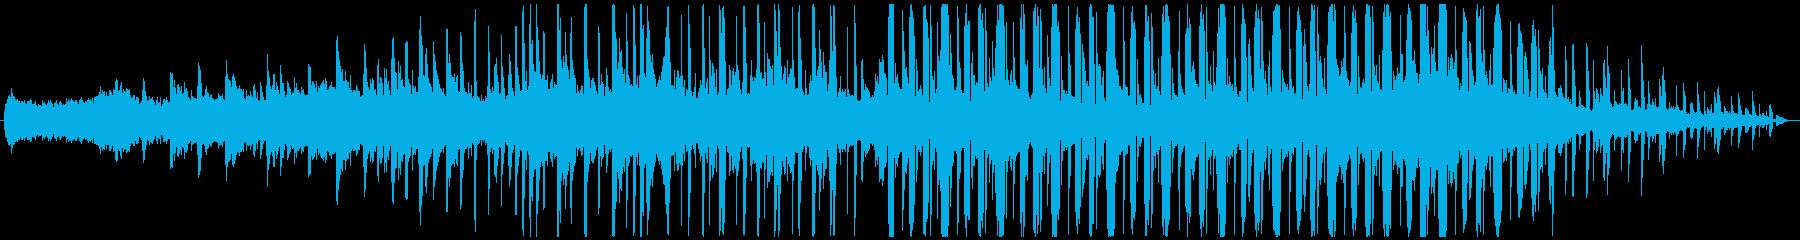 モダン テクノ 古風 アンビエント...の再生済みの波形